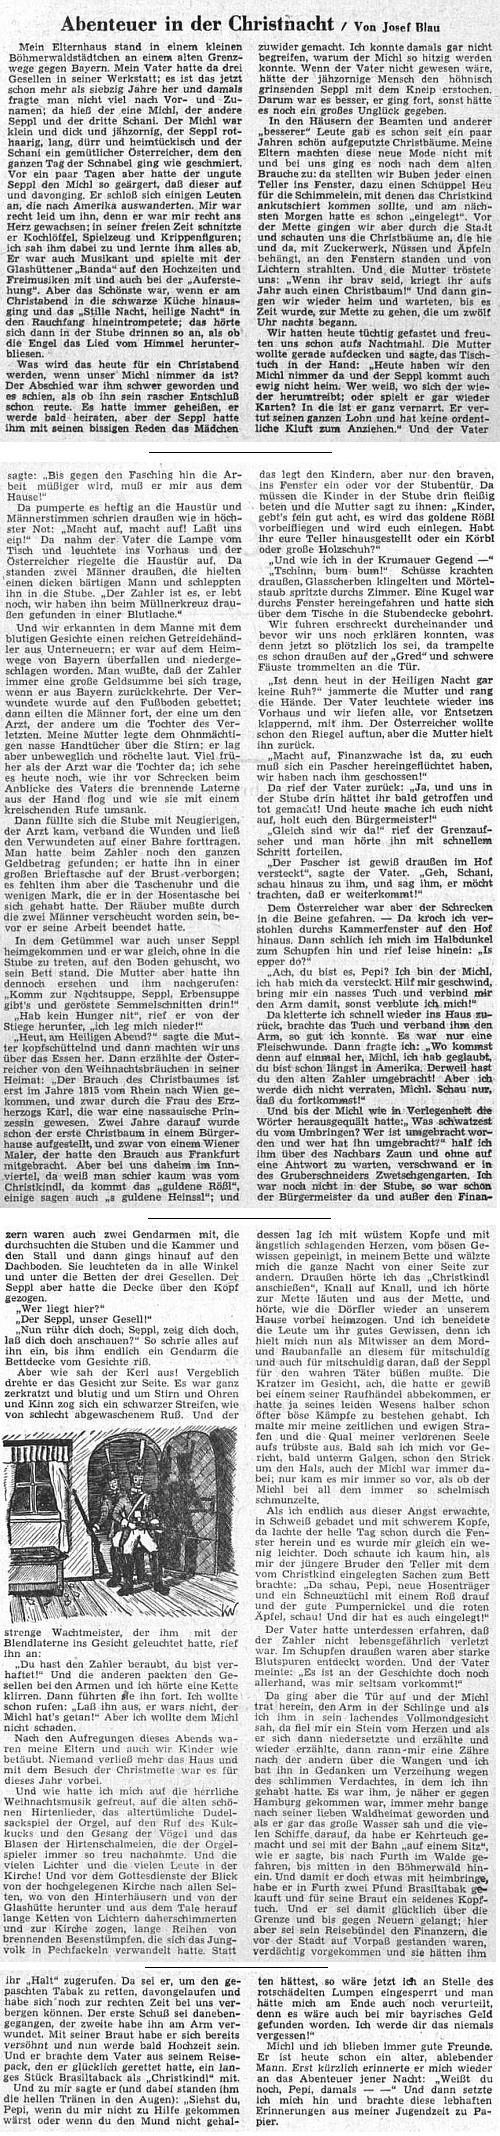 V roce 1955 zaplnila dětskou přílohu listu Sudetendeutsche Zeitung vlastně téměř celou vzpomínka na štědrovečerní noc z jeho šumavského dětství